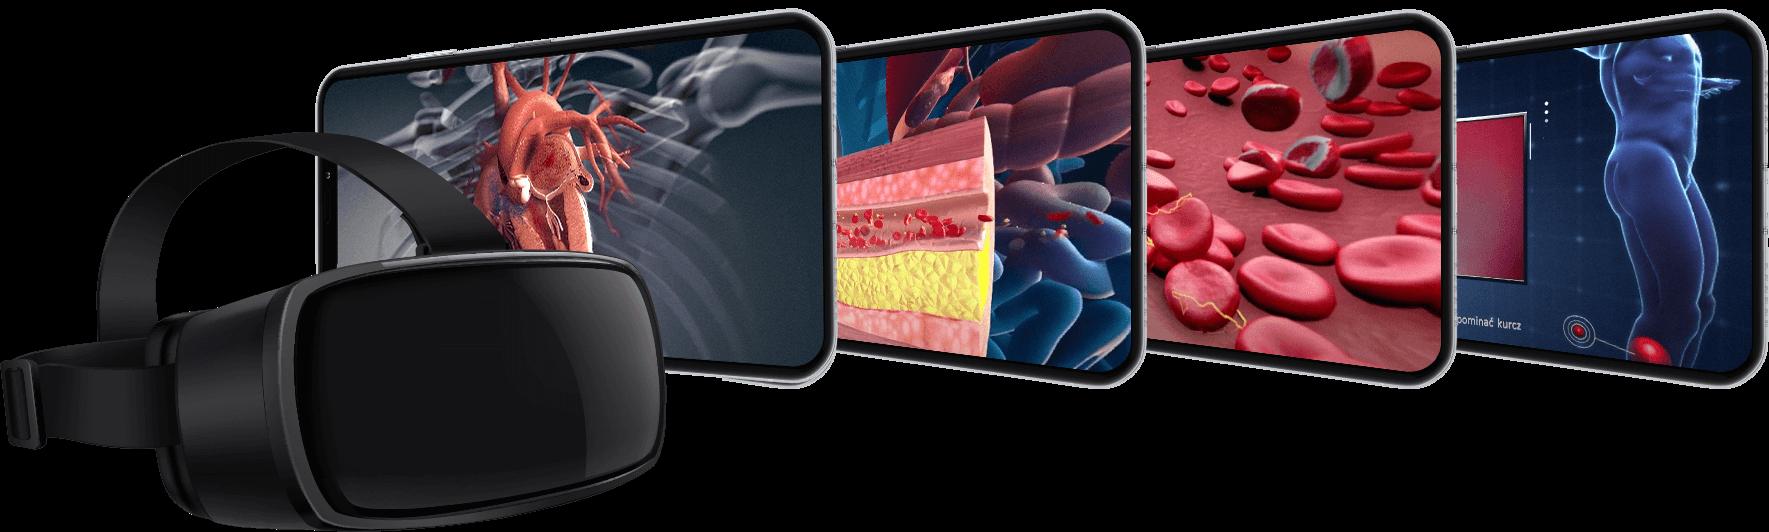 Portfolio Animativ: Pfizer VR Medical Library